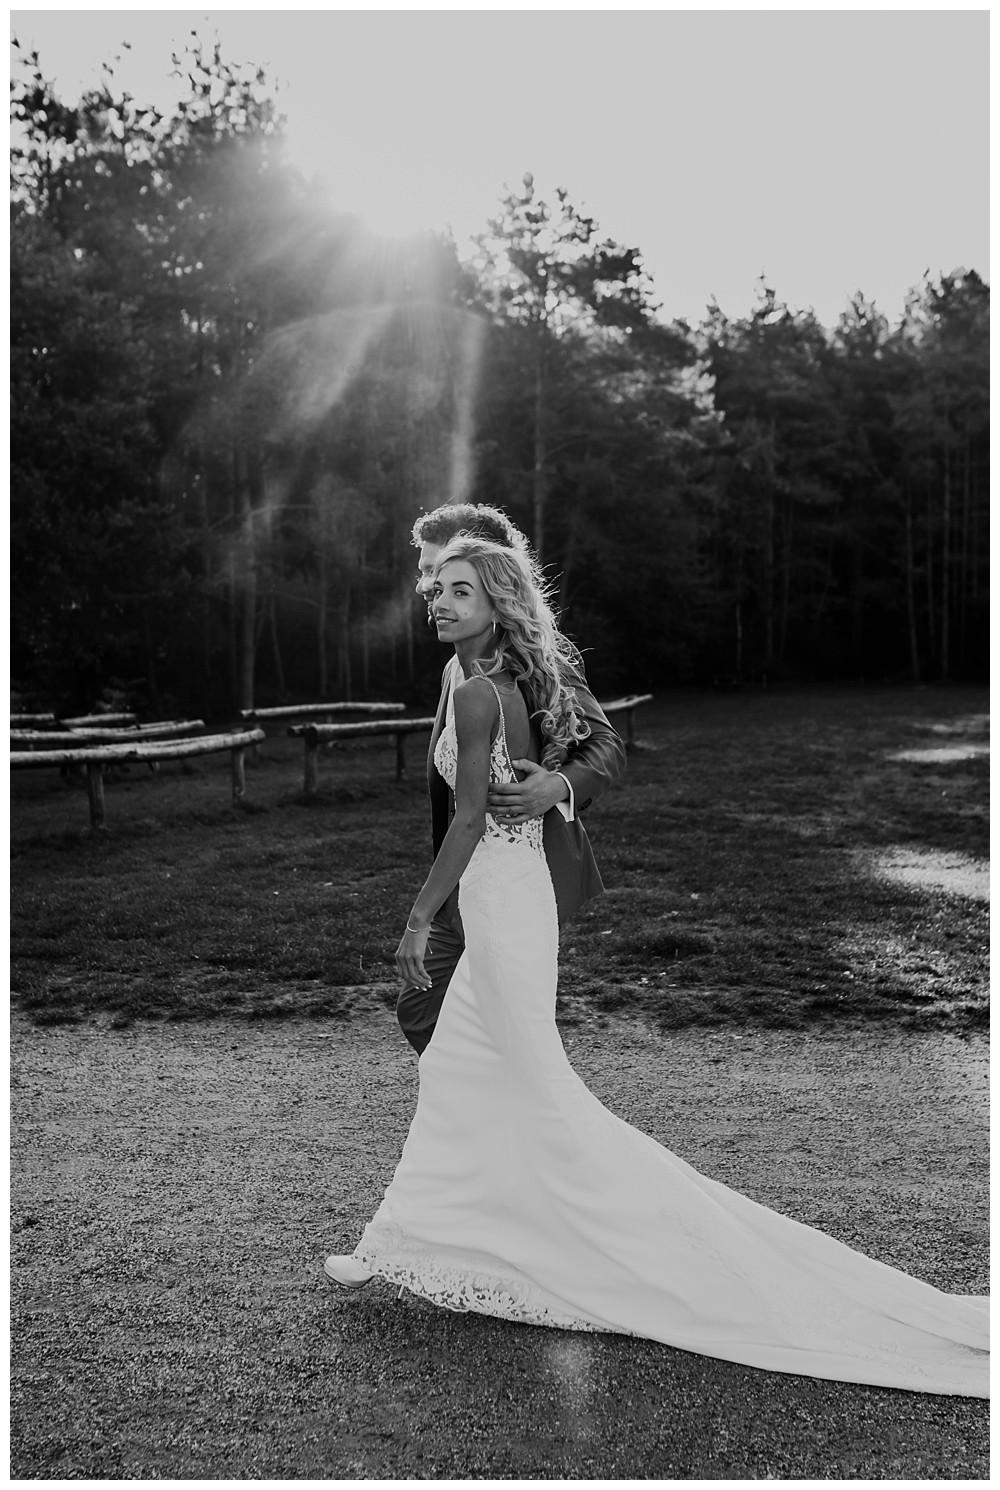 Oh-Belle_blog_Bruiloft_De-Vanenburg_Putten_Fotograaf-Putten_0055 Bruiloft De Vanenburg Putten